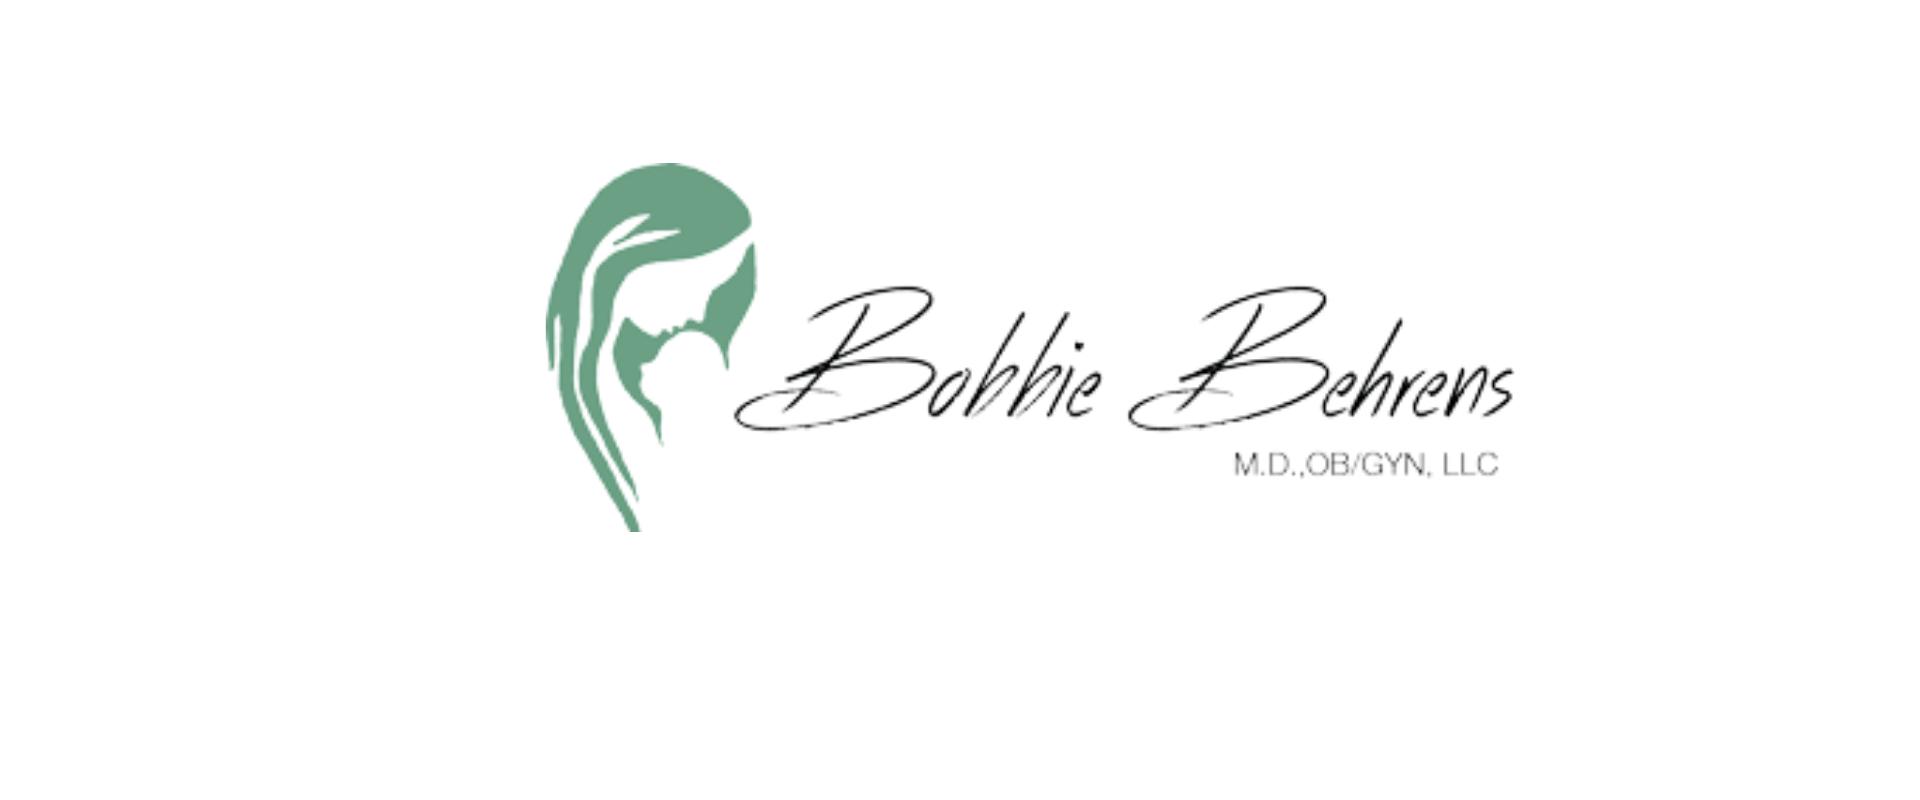 Bobbie J. Behrens, MD, OB/GYN & Kathryn Flores, MSN, FNP